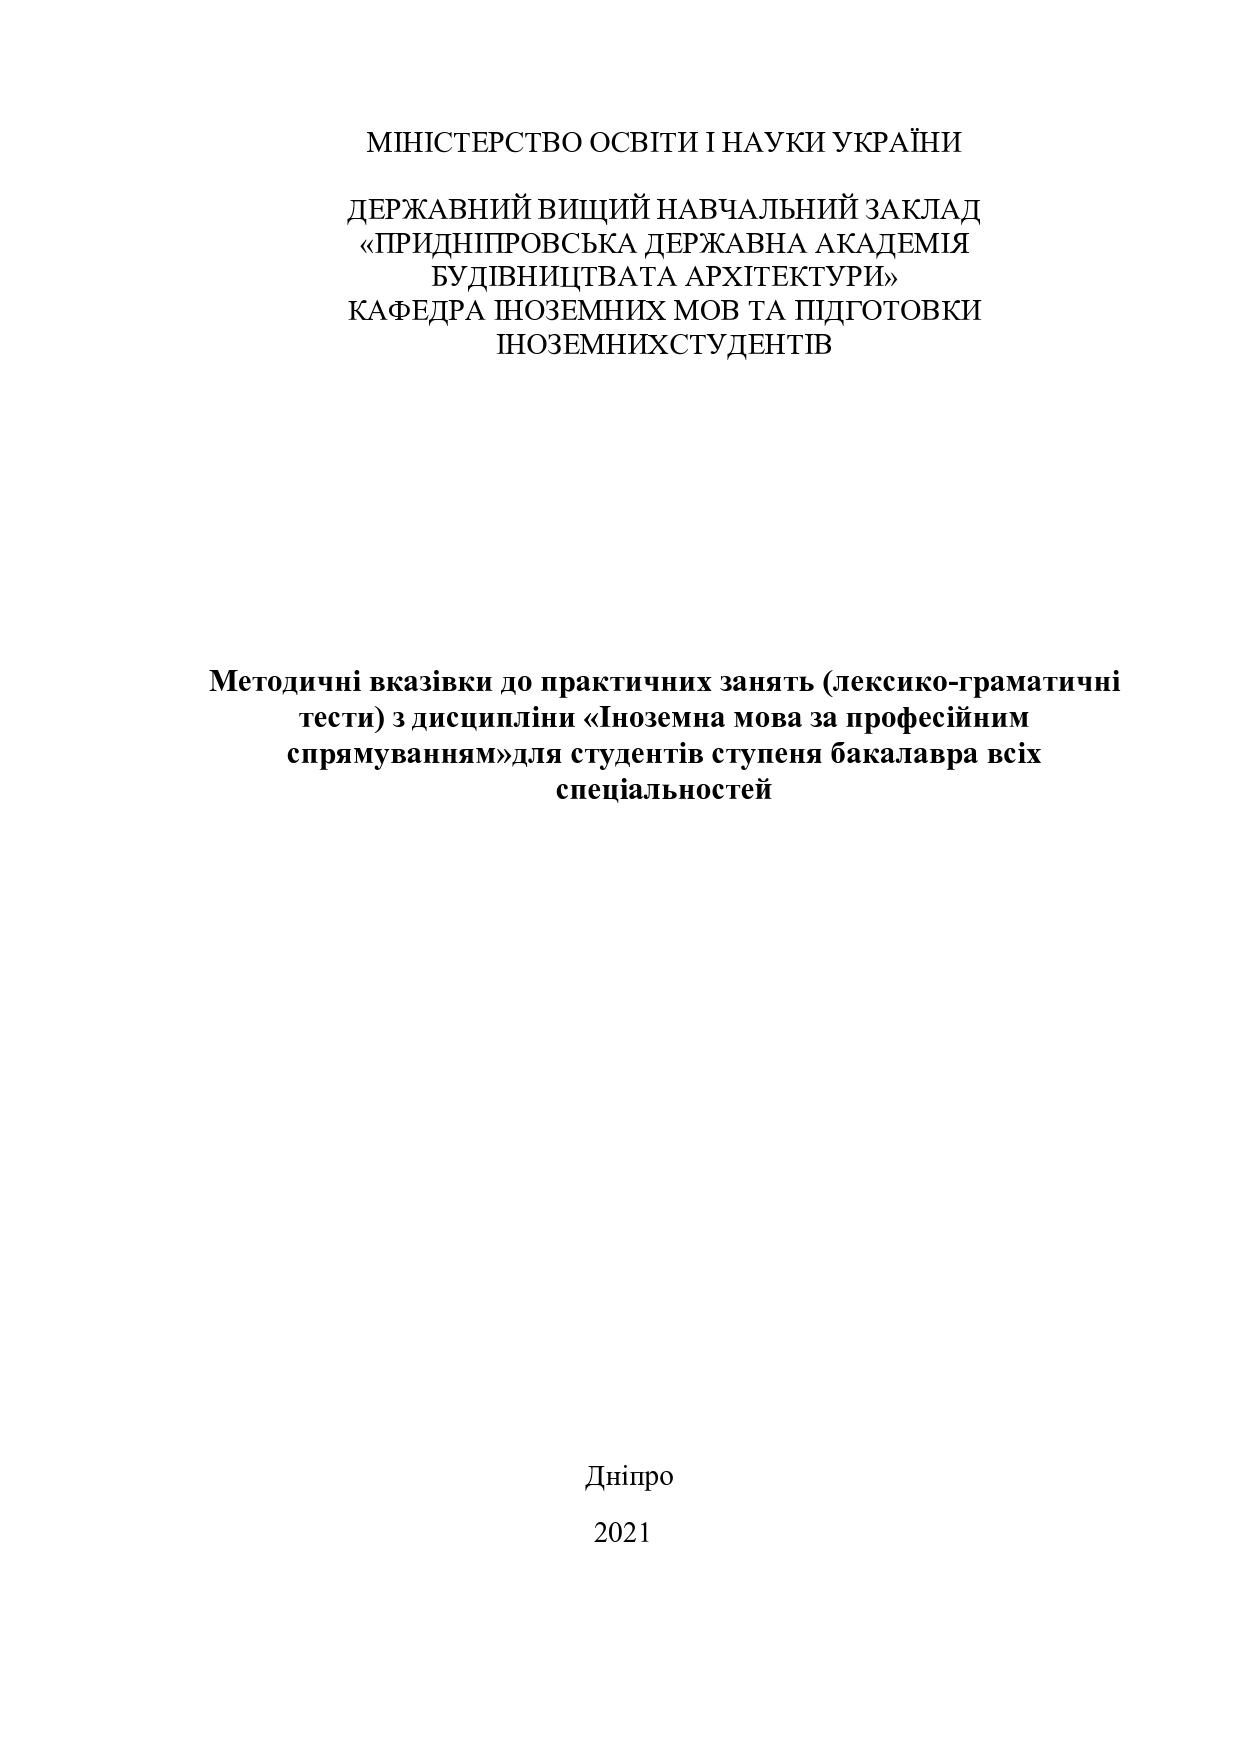 Методичні вказівки до практичних занять (лексико-граматичні тести) з дисципліни «Іноземна мова за професійним спрямуванням»